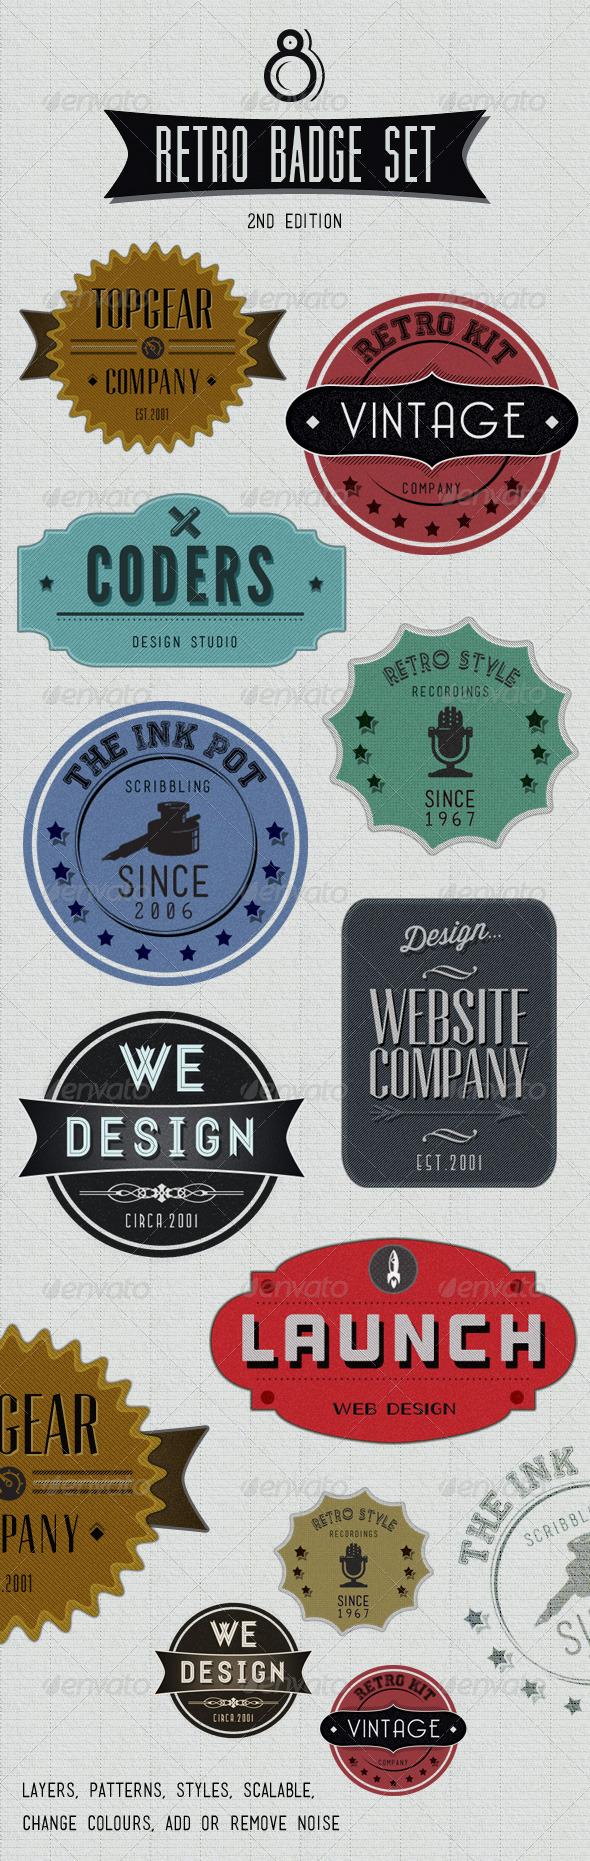 GraphicRiver Retro Badges Faded Vintage Labels V.2 1402787